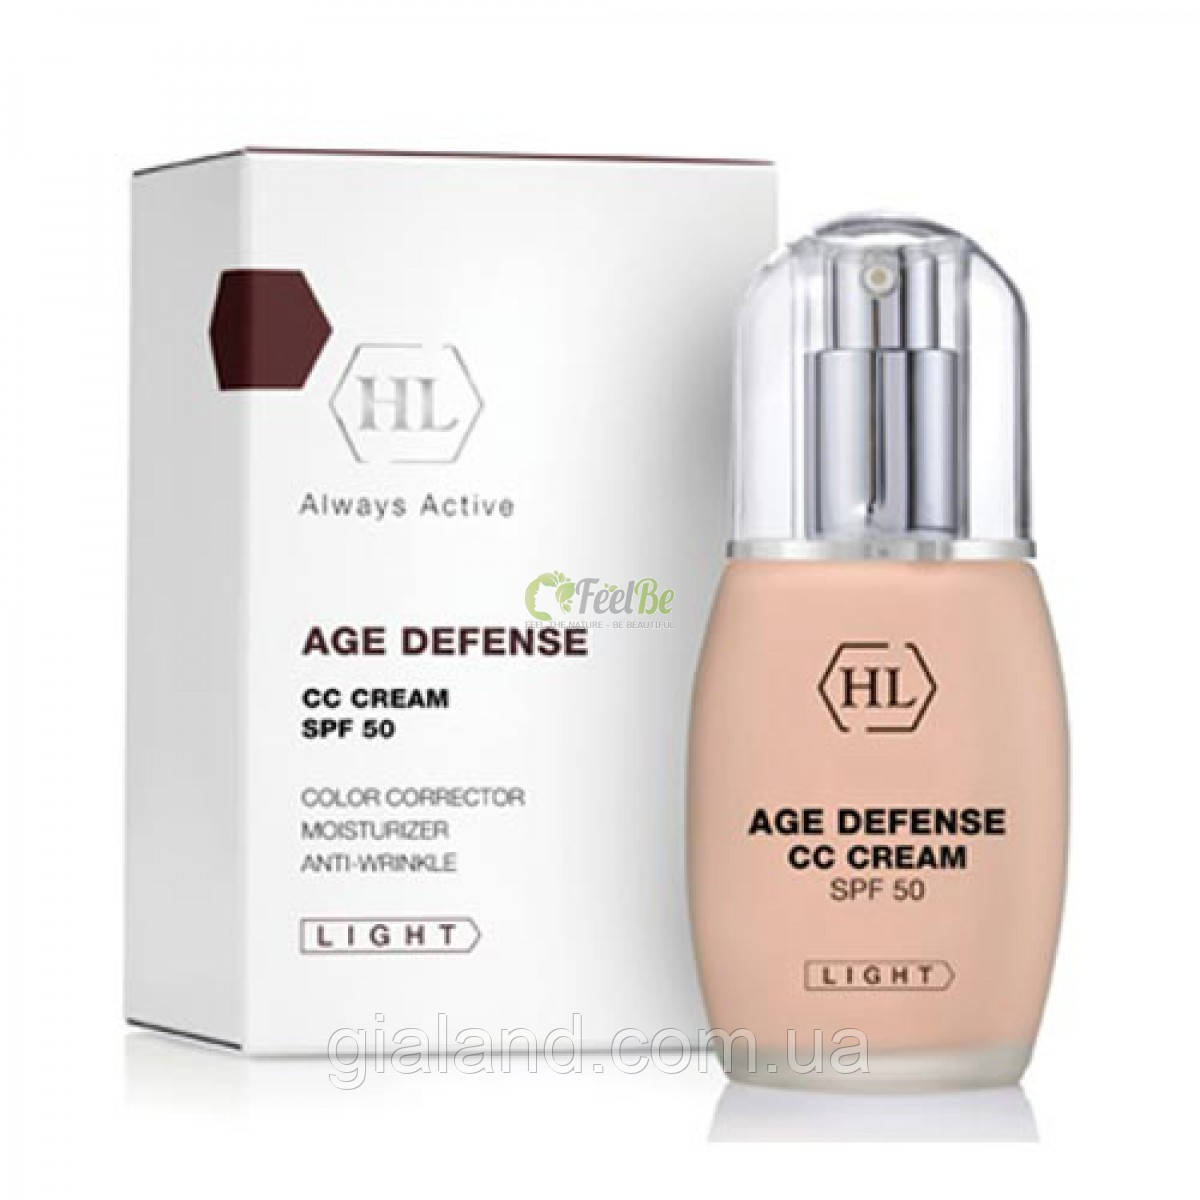 Holy Land Антивозрастной защитный крем (светлый тон) AGE CONTROL Defense CC Cream SPF- 50 Light 50мл